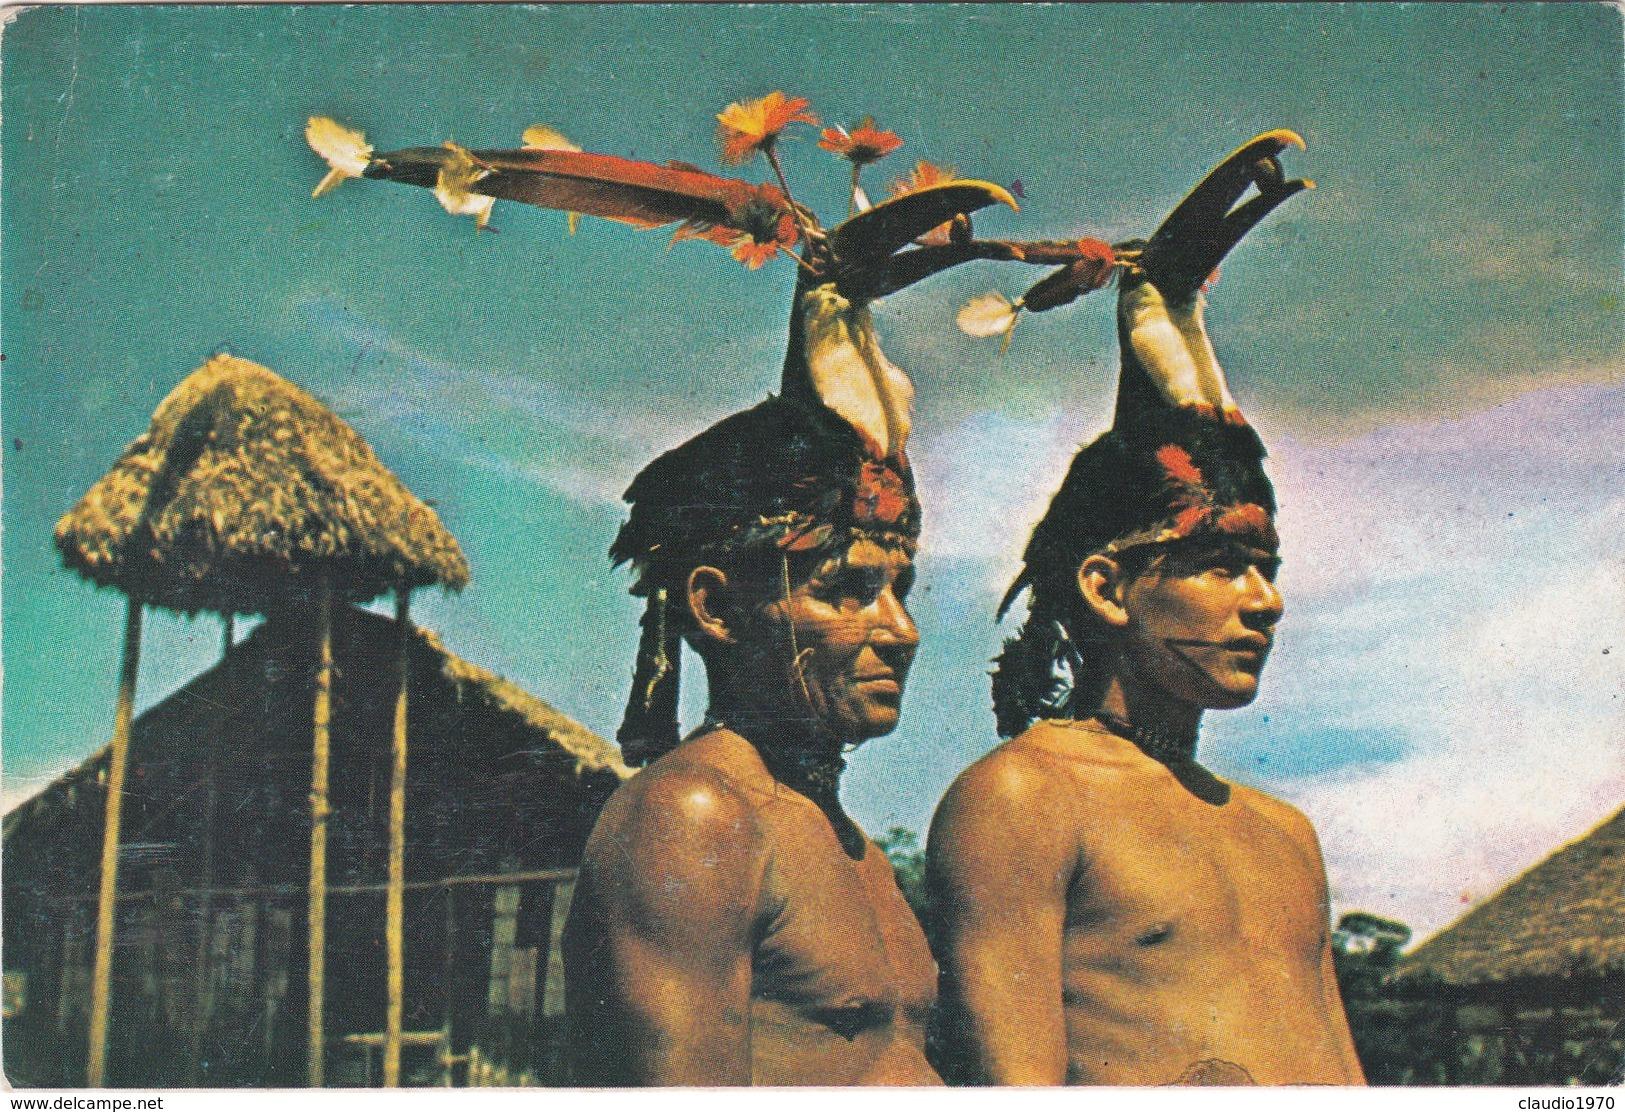 Cartolina - Postcard    -   MISION DOMINICANA: CULTURA ALAMA. DANZANTES CON GORROSDE SICUANGA - ECUADOR - Ecuador